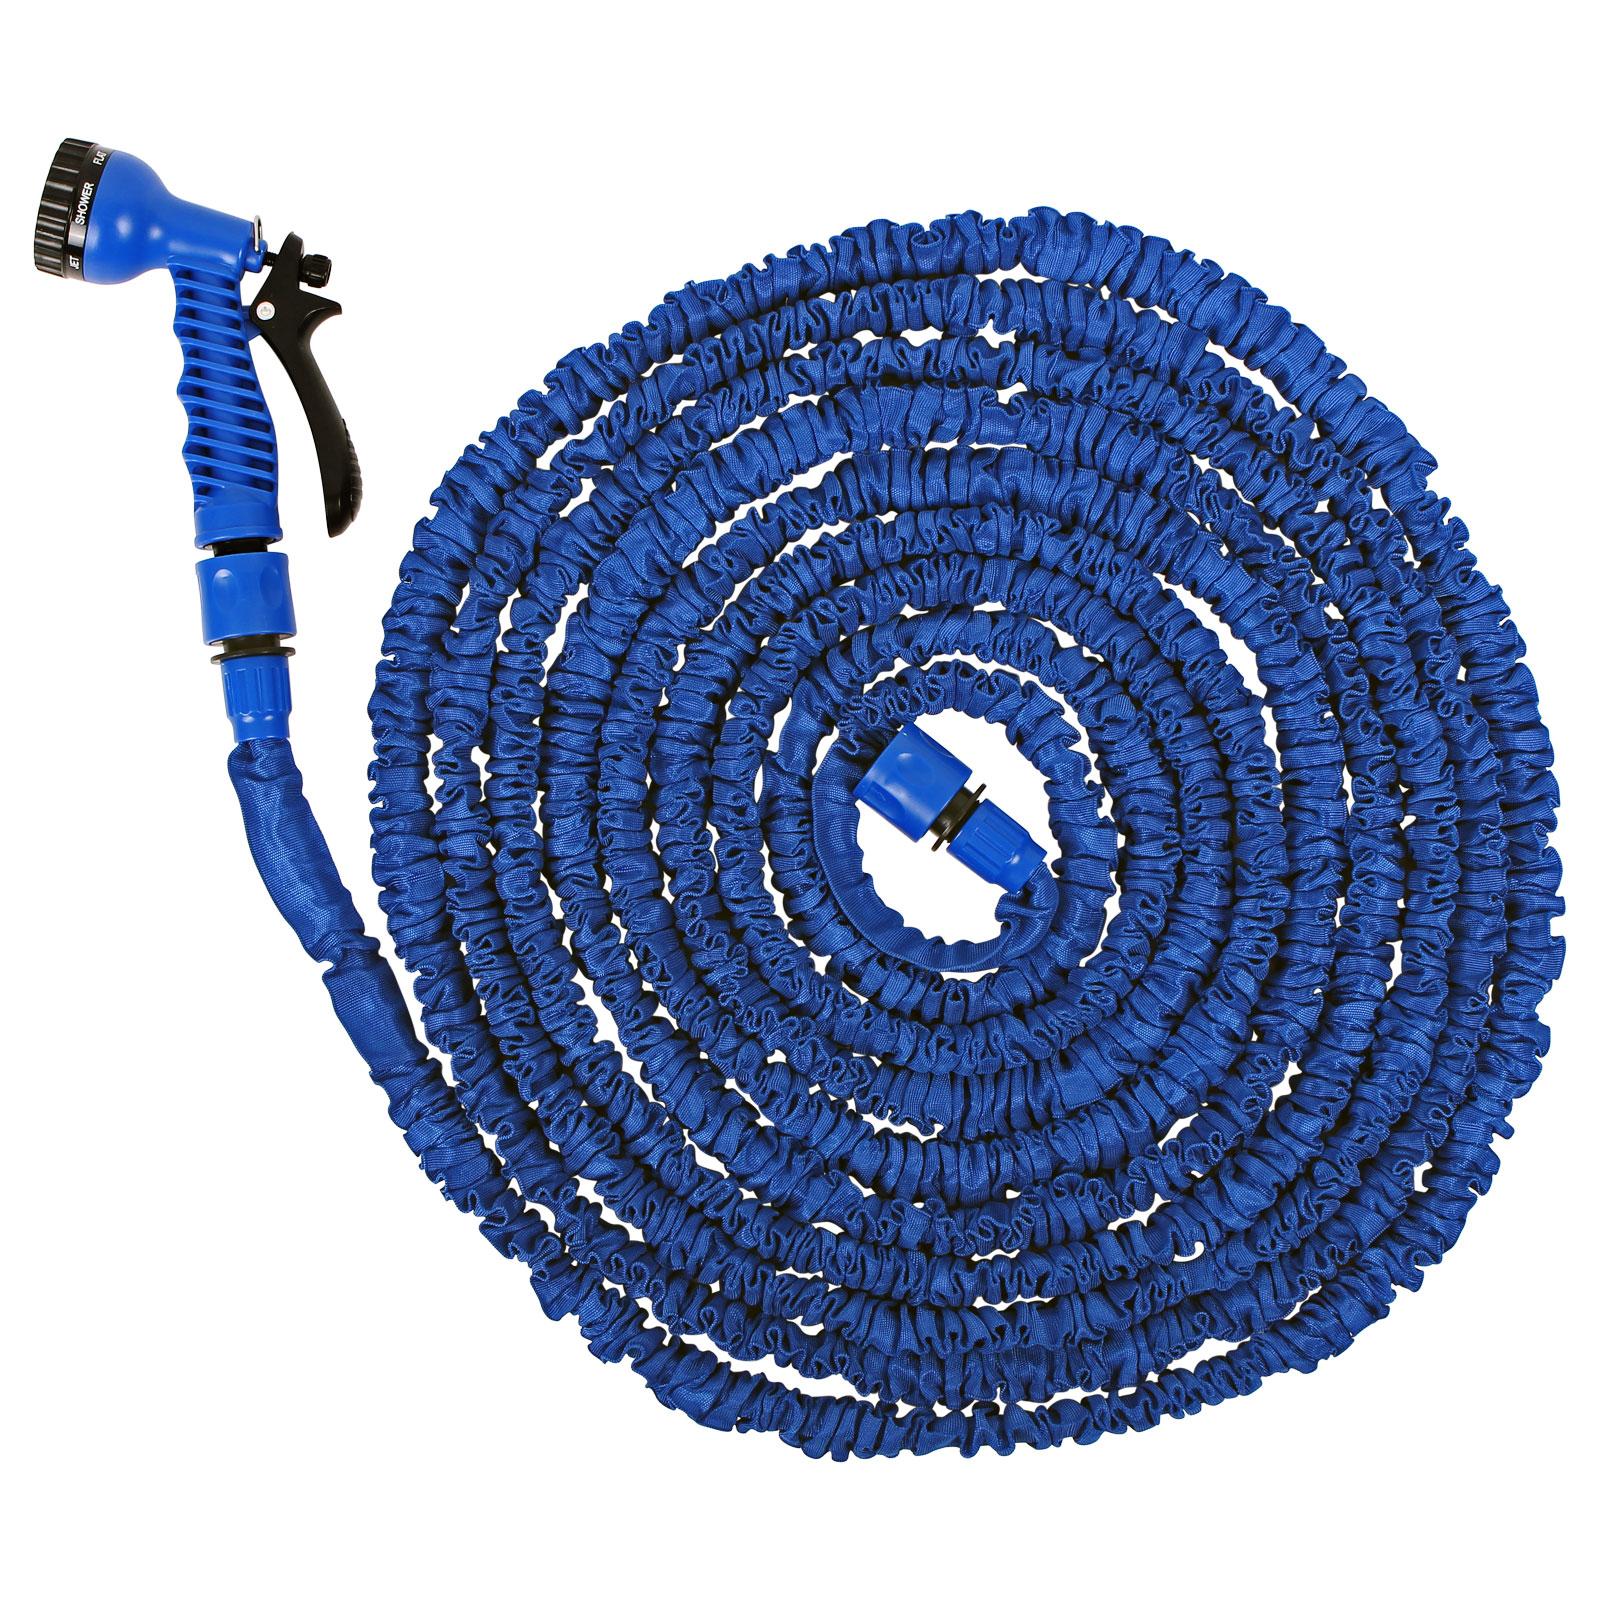 Camp4 flexibler Wasserschlauch 22,5 Meter blau inkl Sprühpistole und Anschluss